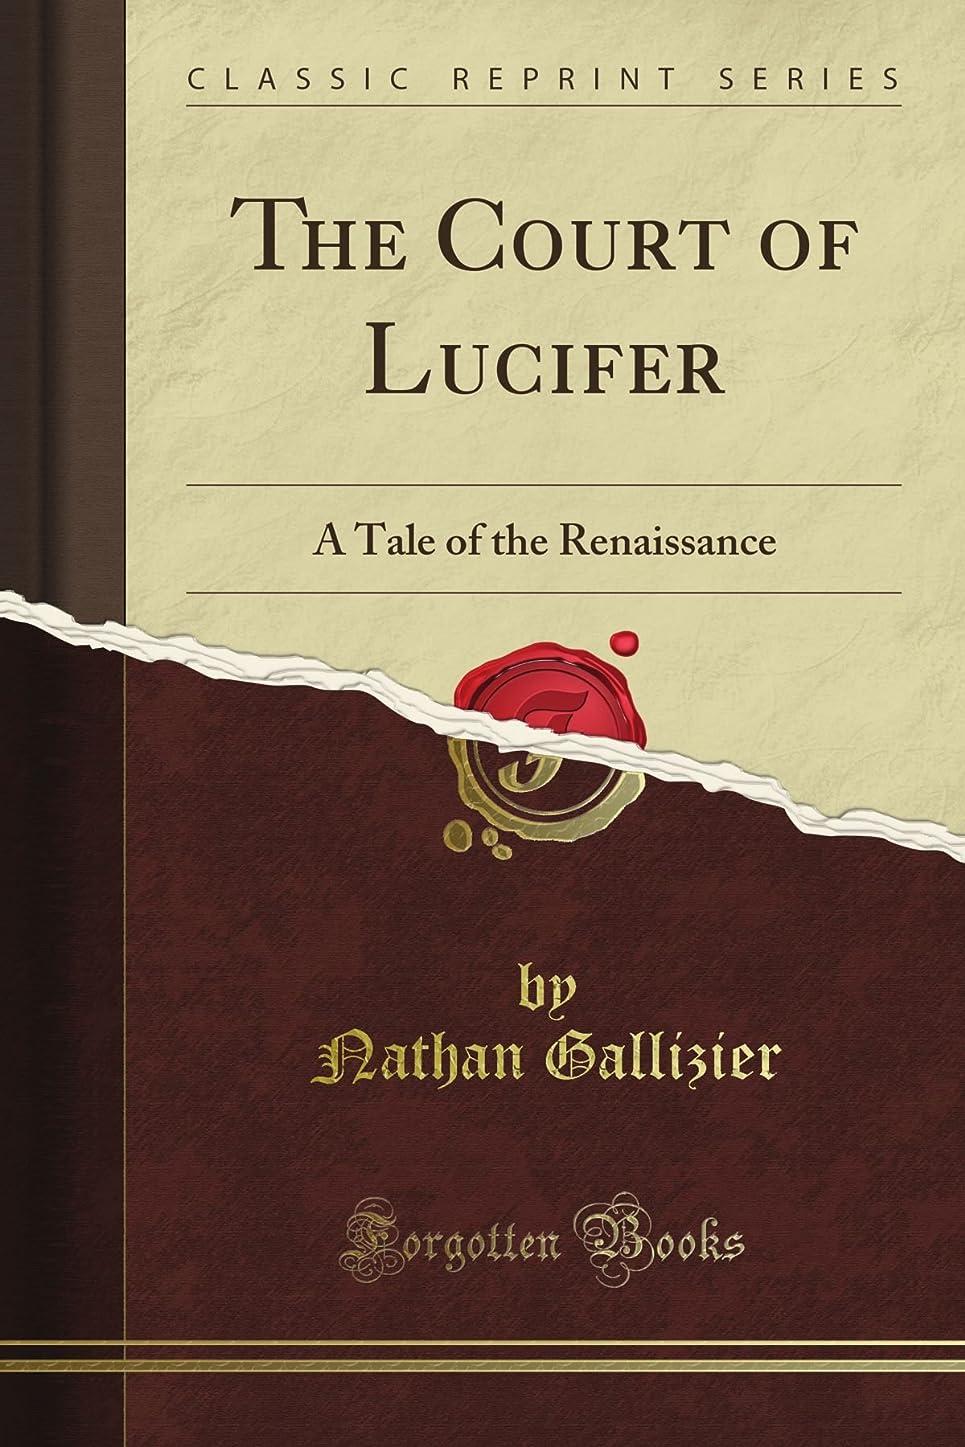 軸腹部昇進The Court of Lucifer: A Tale of the Renaissance (Classic Reprint)